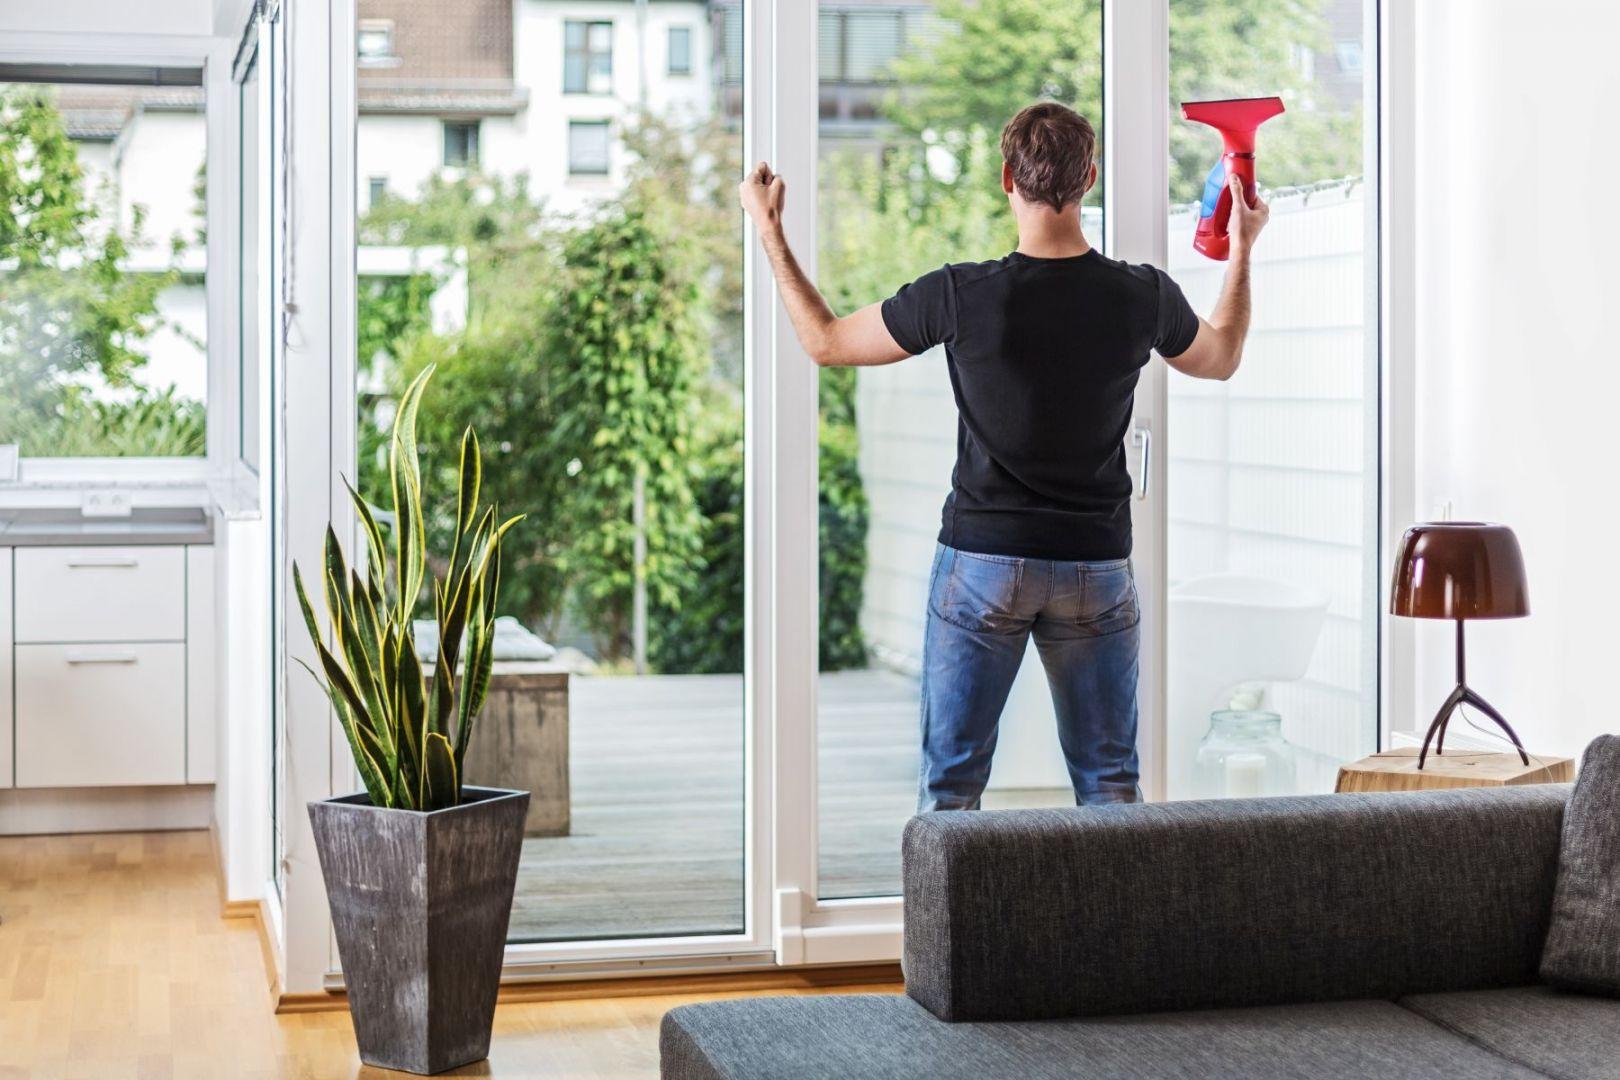 Jeśli okna nie były dawno czyszczone i posiadają mocne zabrudzenia użyj wody z płynem do naczyń i uniwersalnej ściereczki, najlepiej z mikrofibry, która dobrze wchłania wilgoć. Do wody można dodać glicerynę lub płyn do zmiękczania tkanin, wówczas na szybach trudniej będą osadzały się zanieczyszczenia, a po deszczu pozostanie mniej smug.